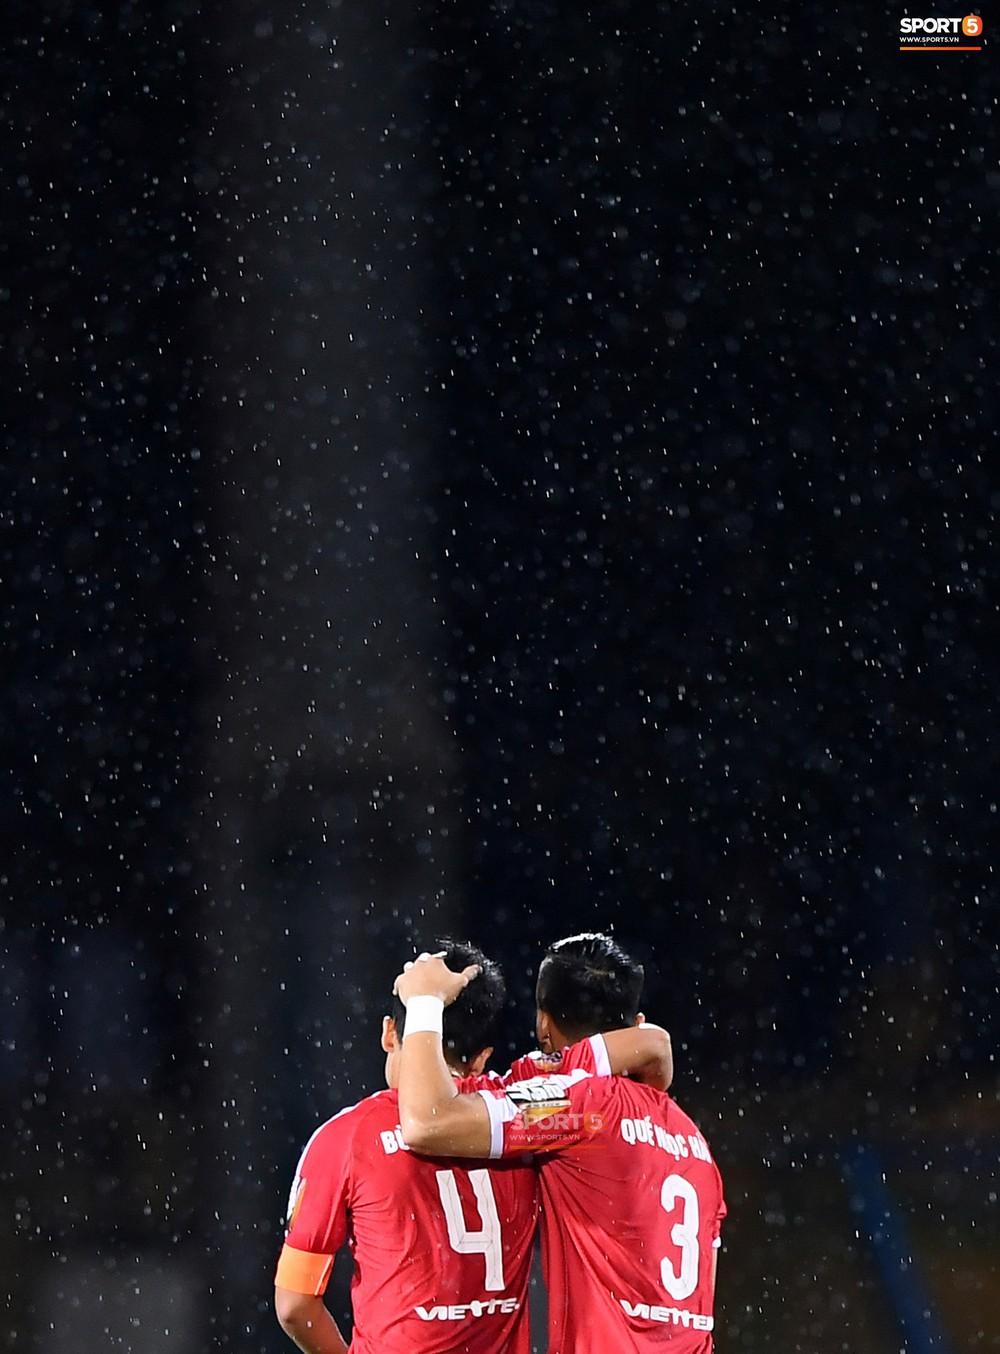 Chùm ảnh Tiến Dũng ôm Quế Ngọc Hải dưới màn mưa khiến fan ngỡ ngàng: Các anh đang quay MV Hàn Quốc hay gì? - Ảnh 2.